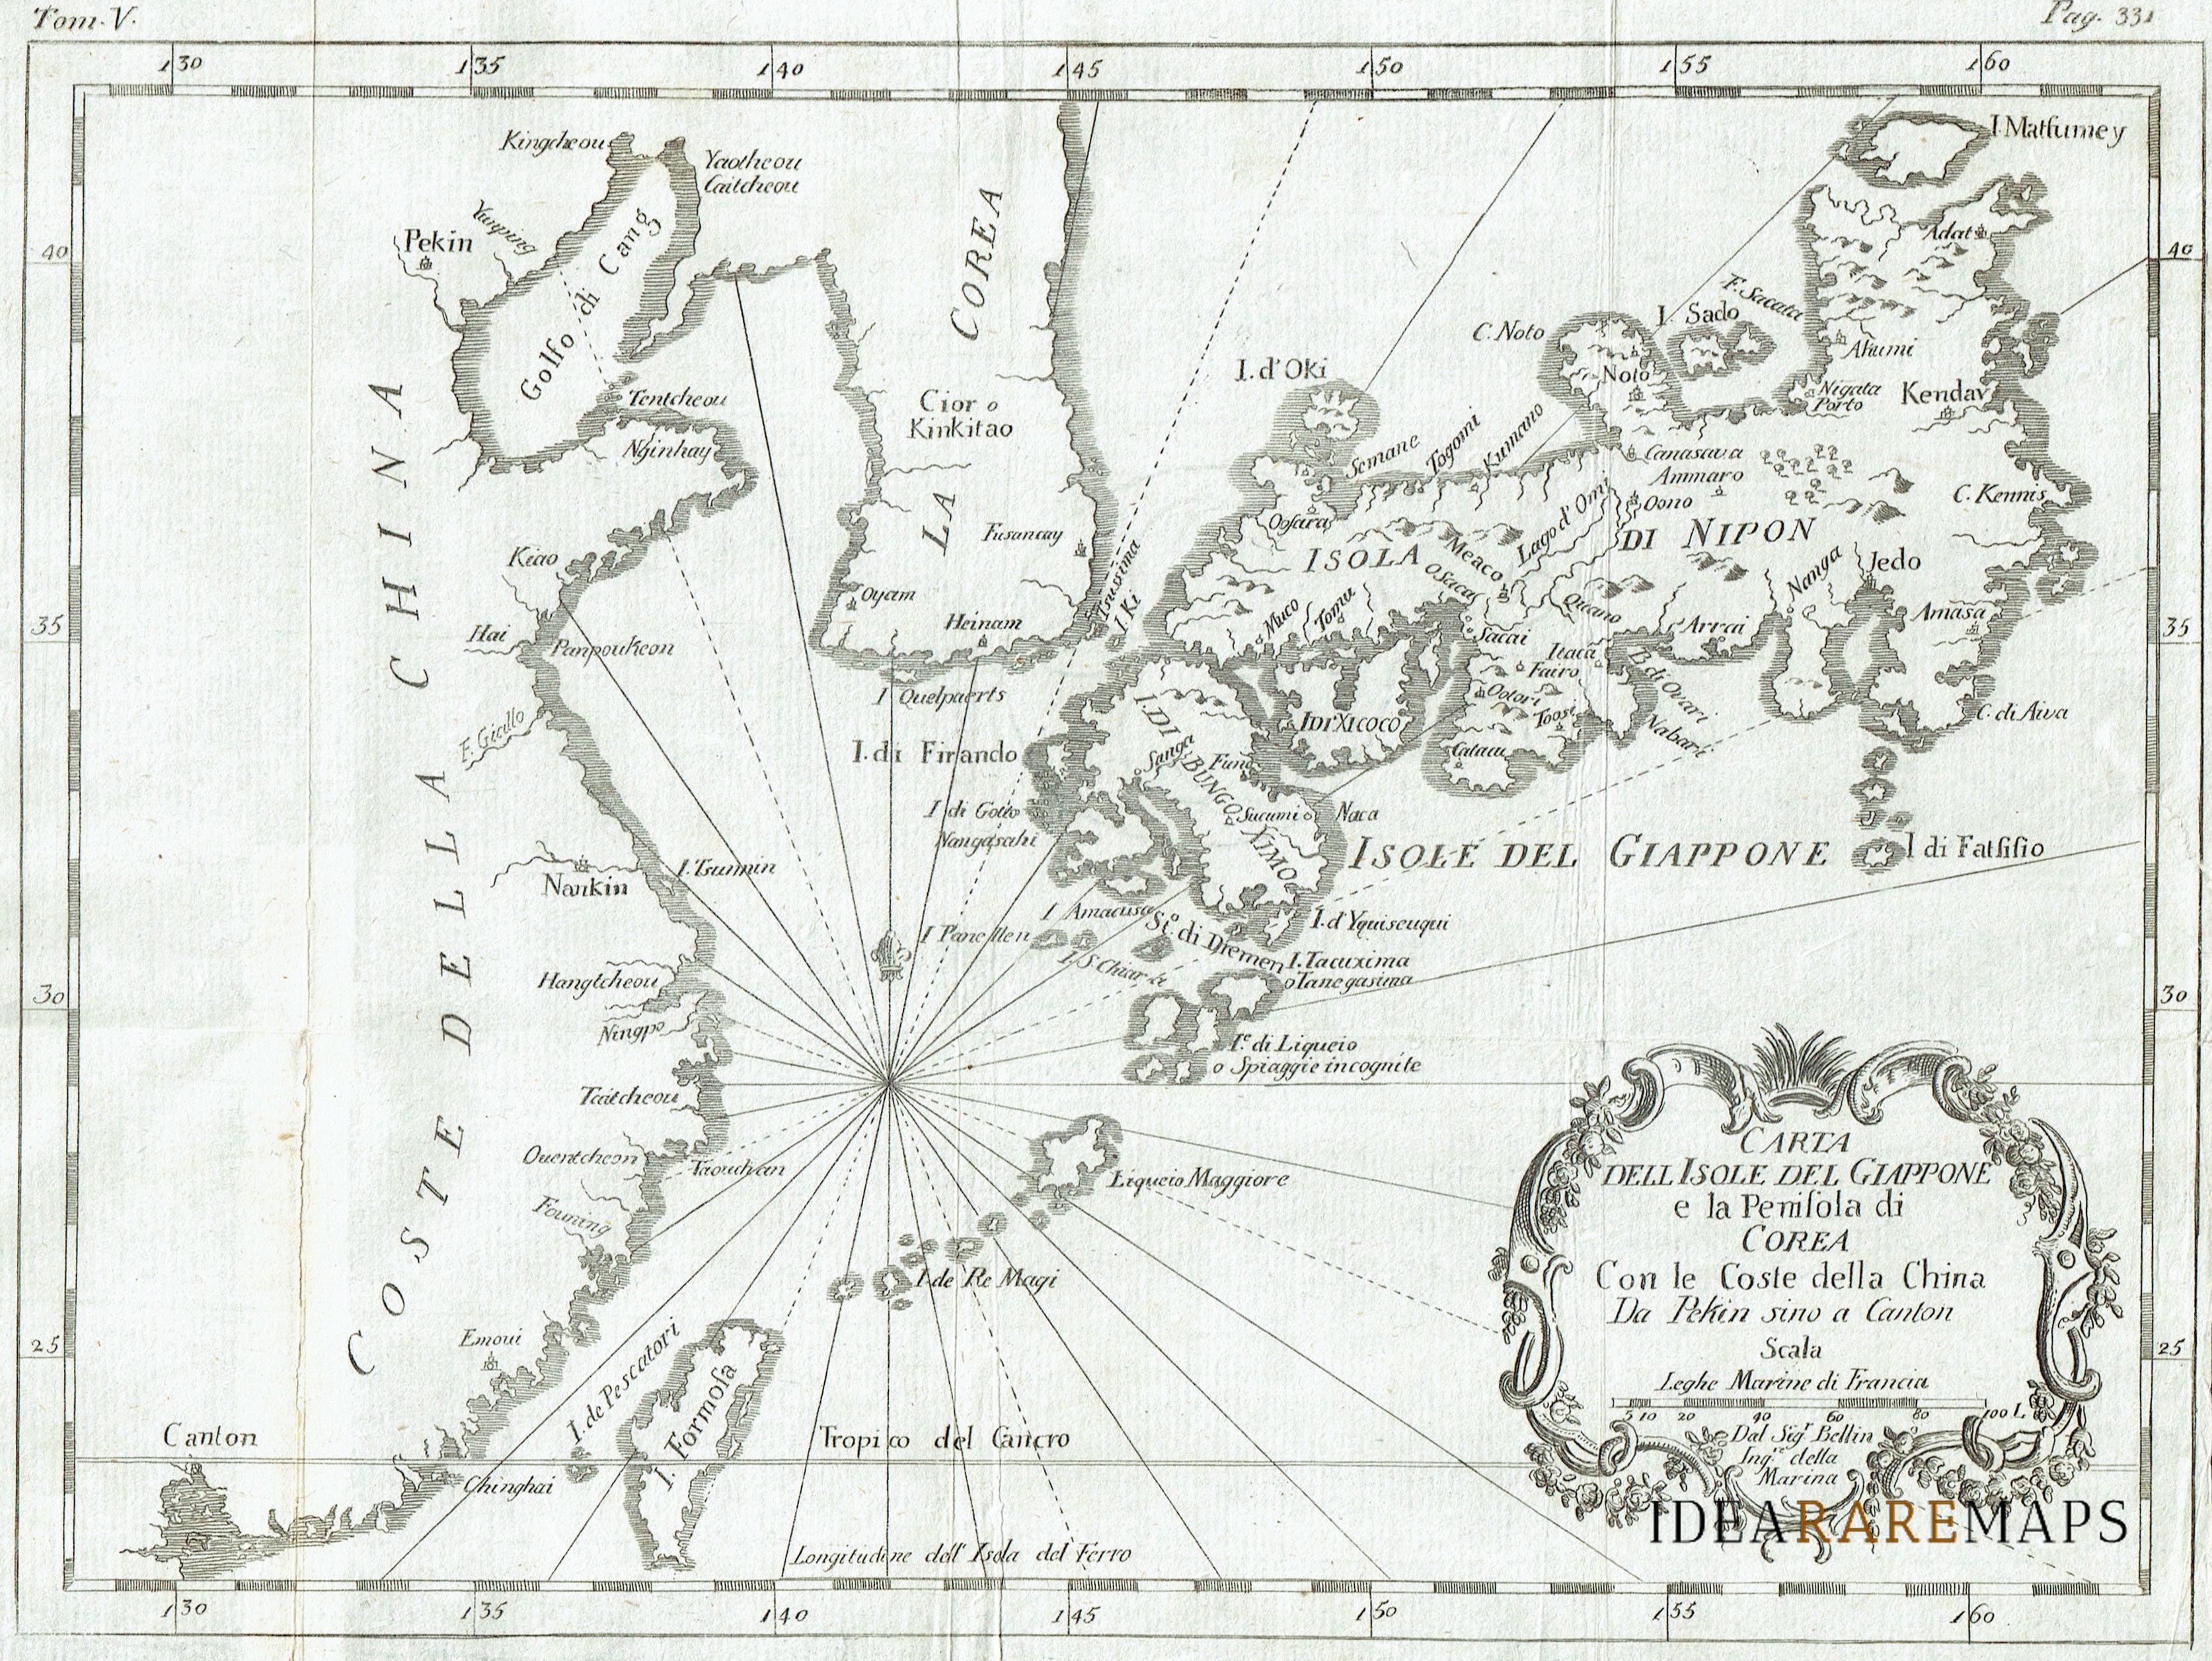 Cartina Dettagliata Giappone.Antica Carta Geografica Del Giappone Cina E Corea Idea Rare Maps